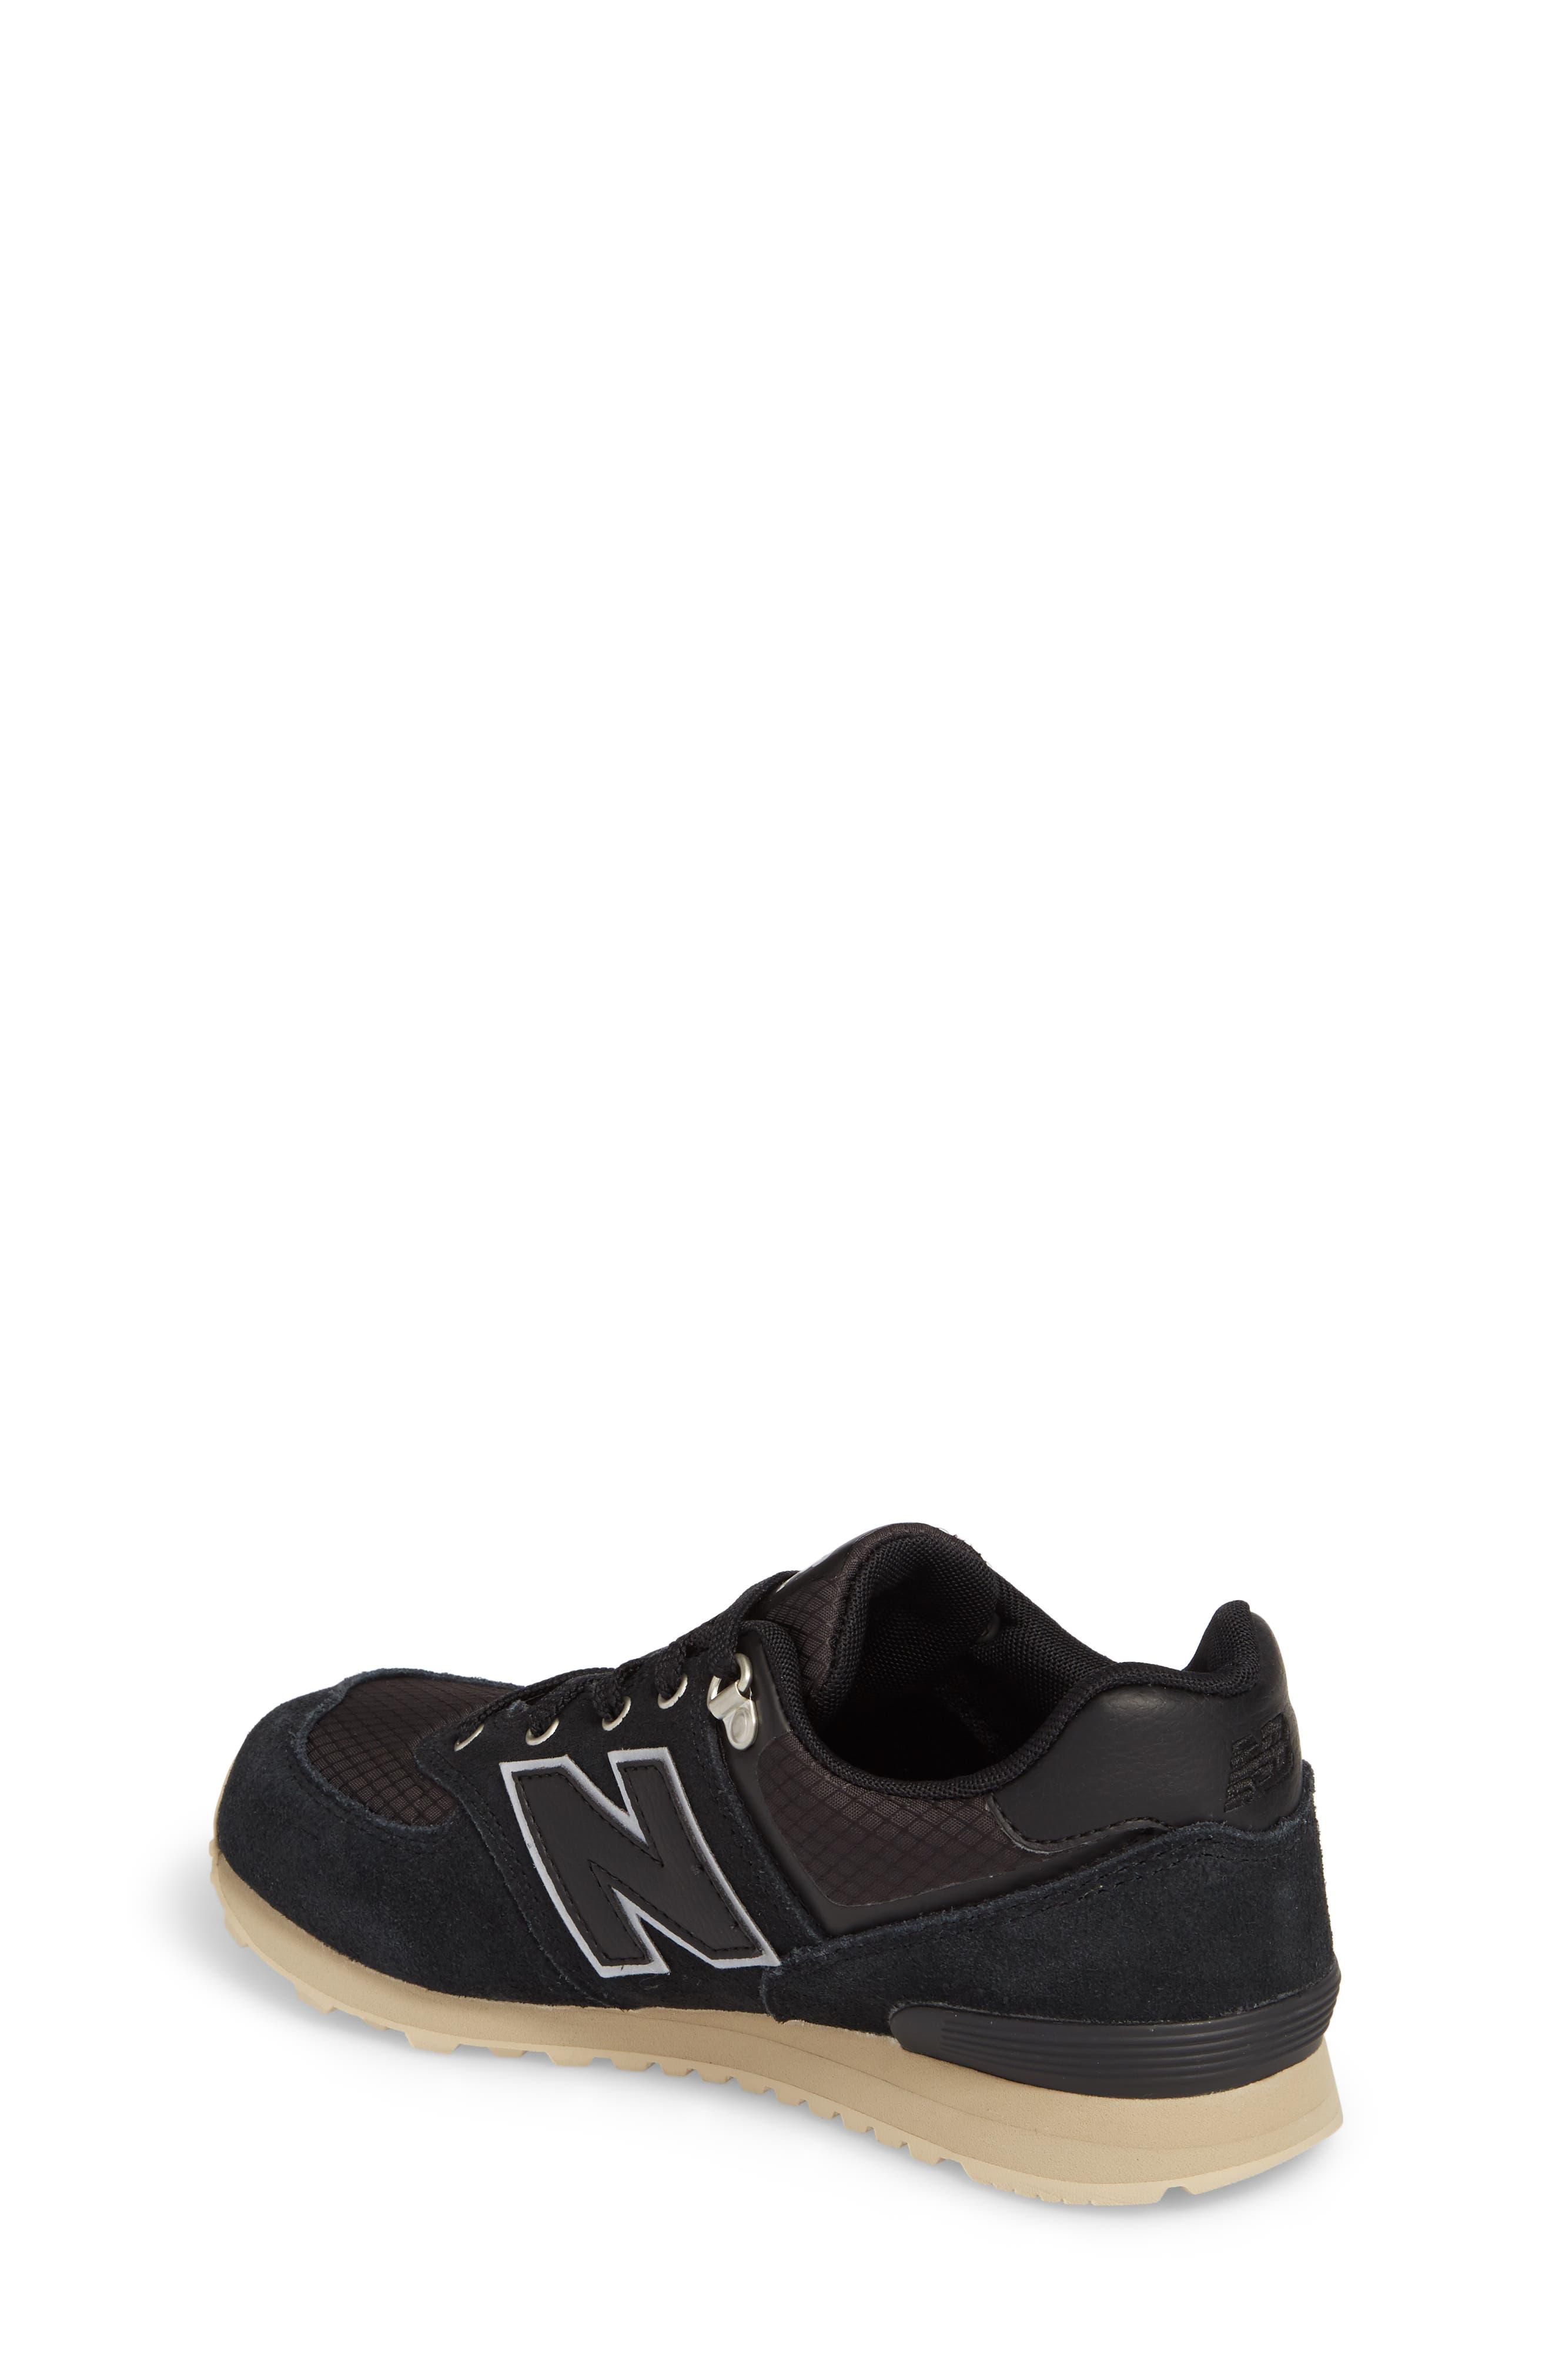 574 Sneaker,                             Alternate thumbnail 2, color,                             001